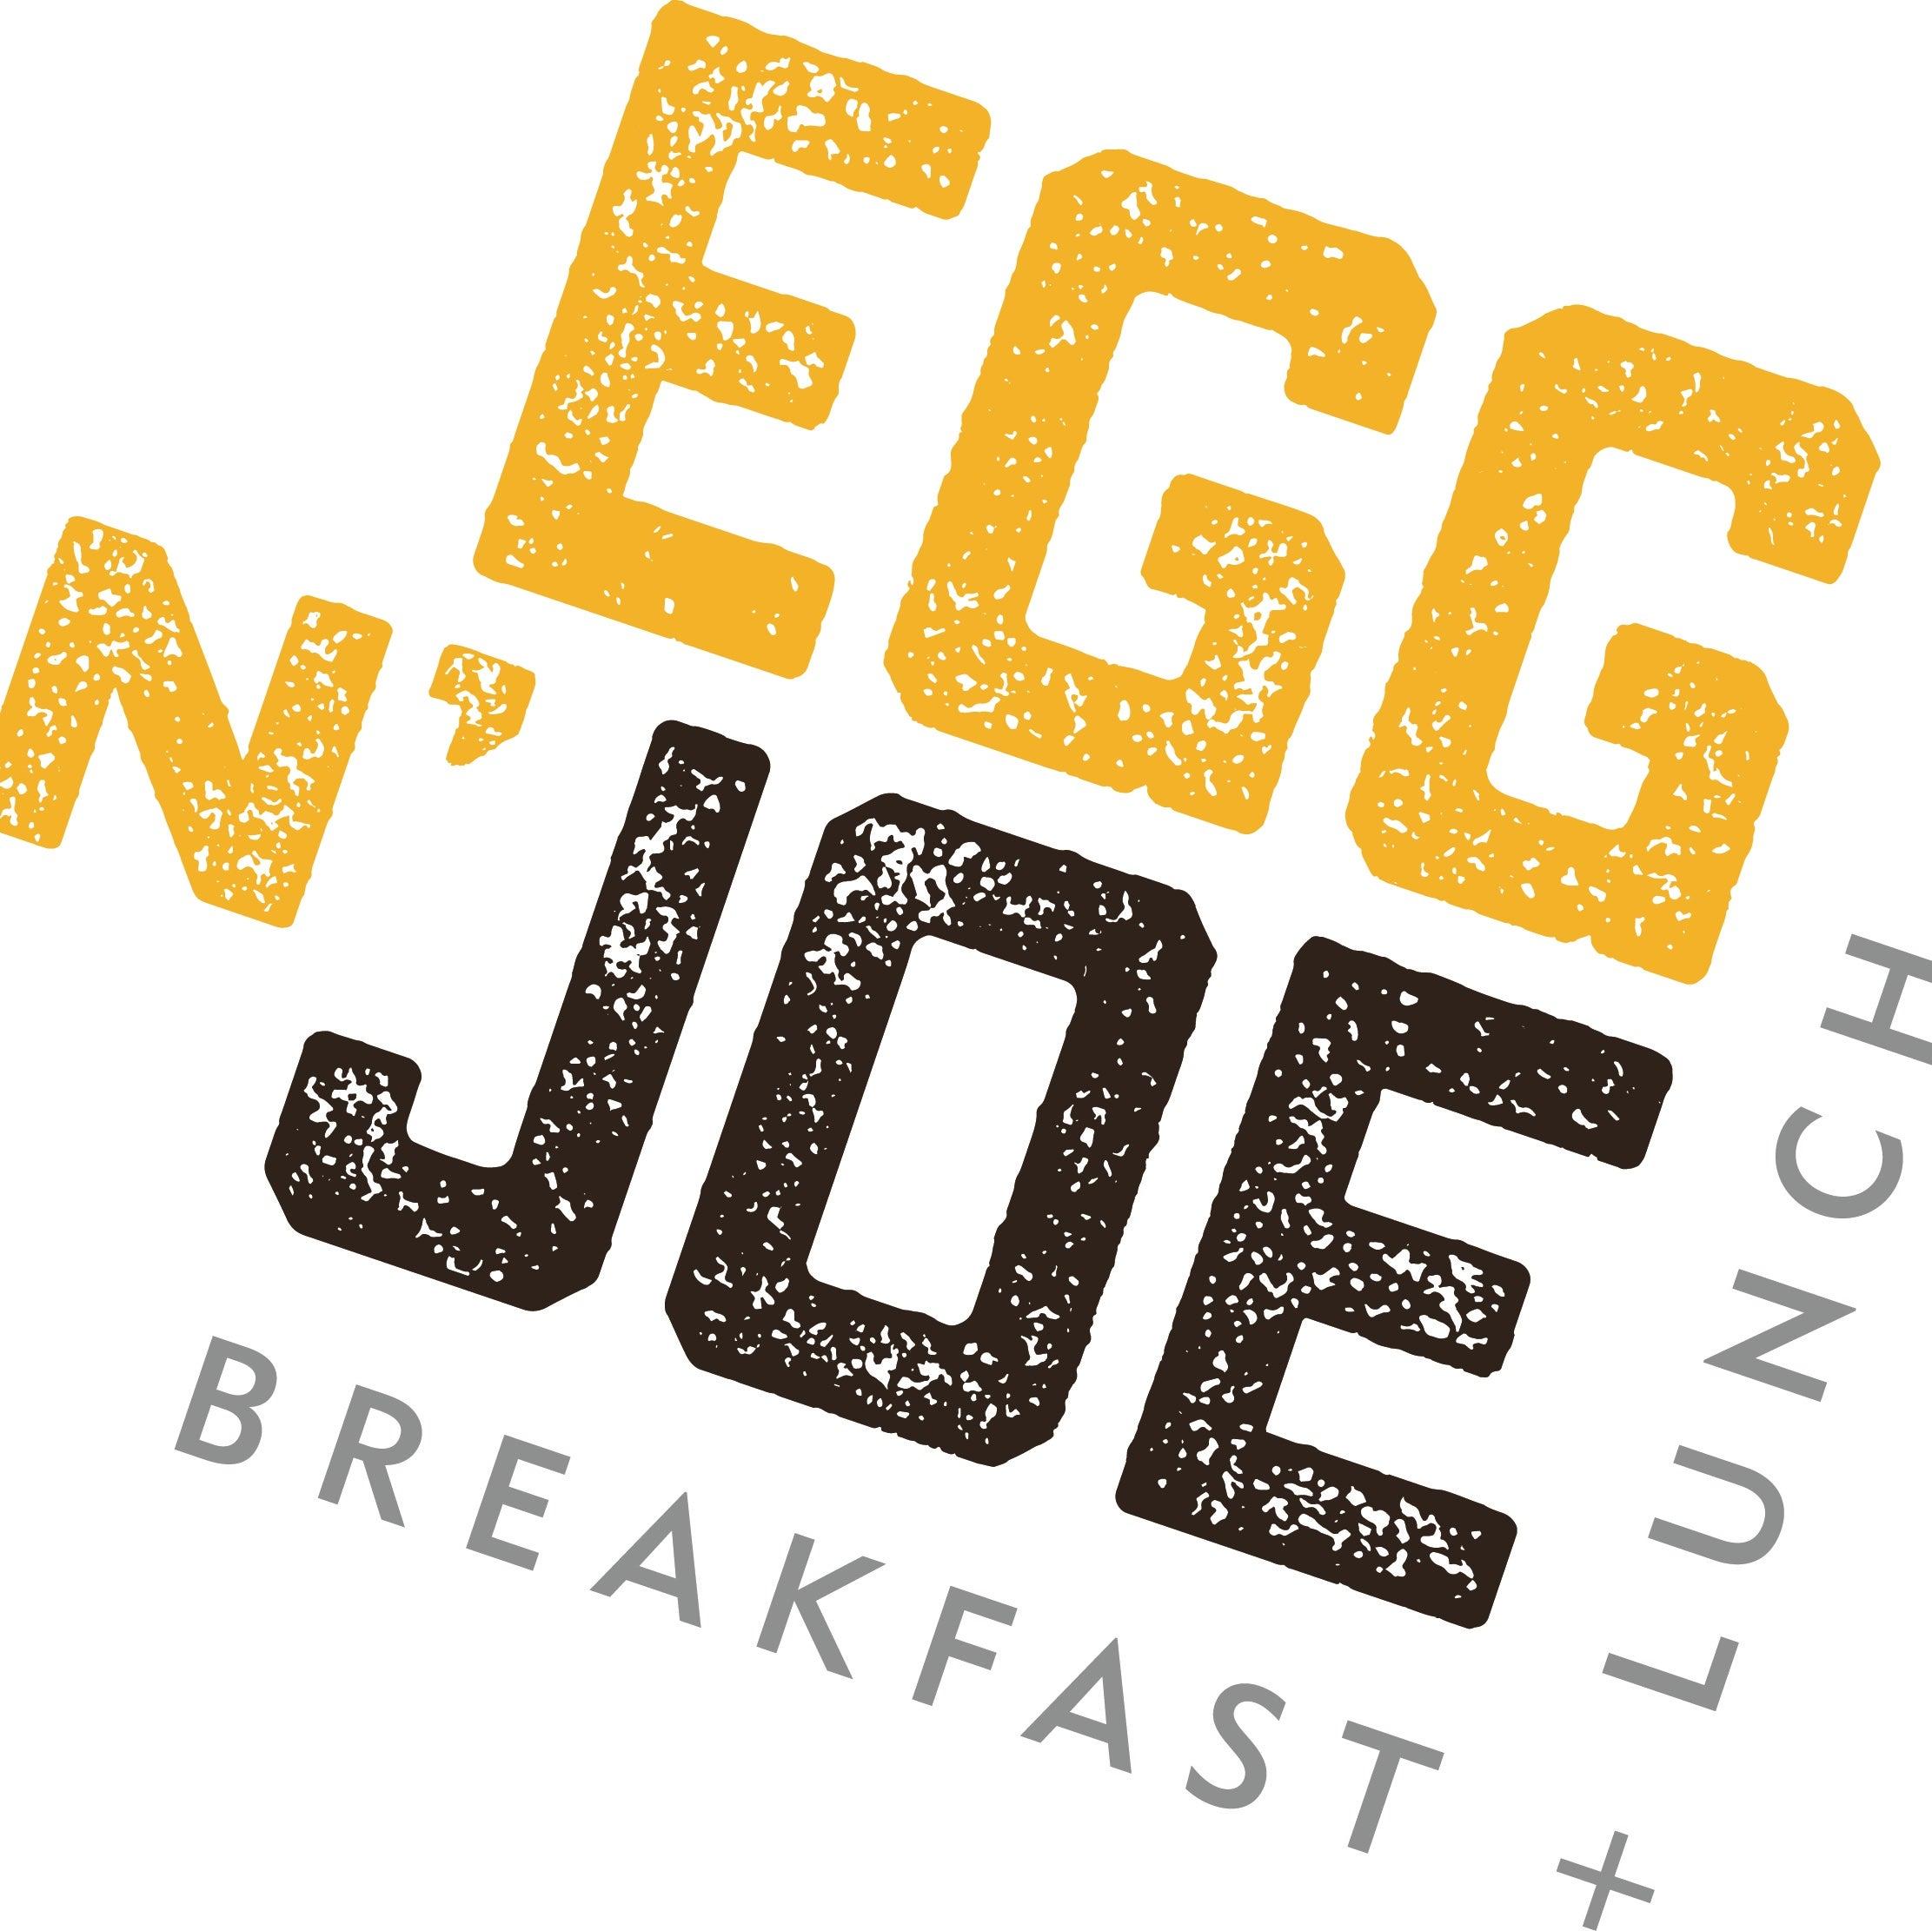 Elmer's Breakfast Lunch Dinner/Egg N' Joe